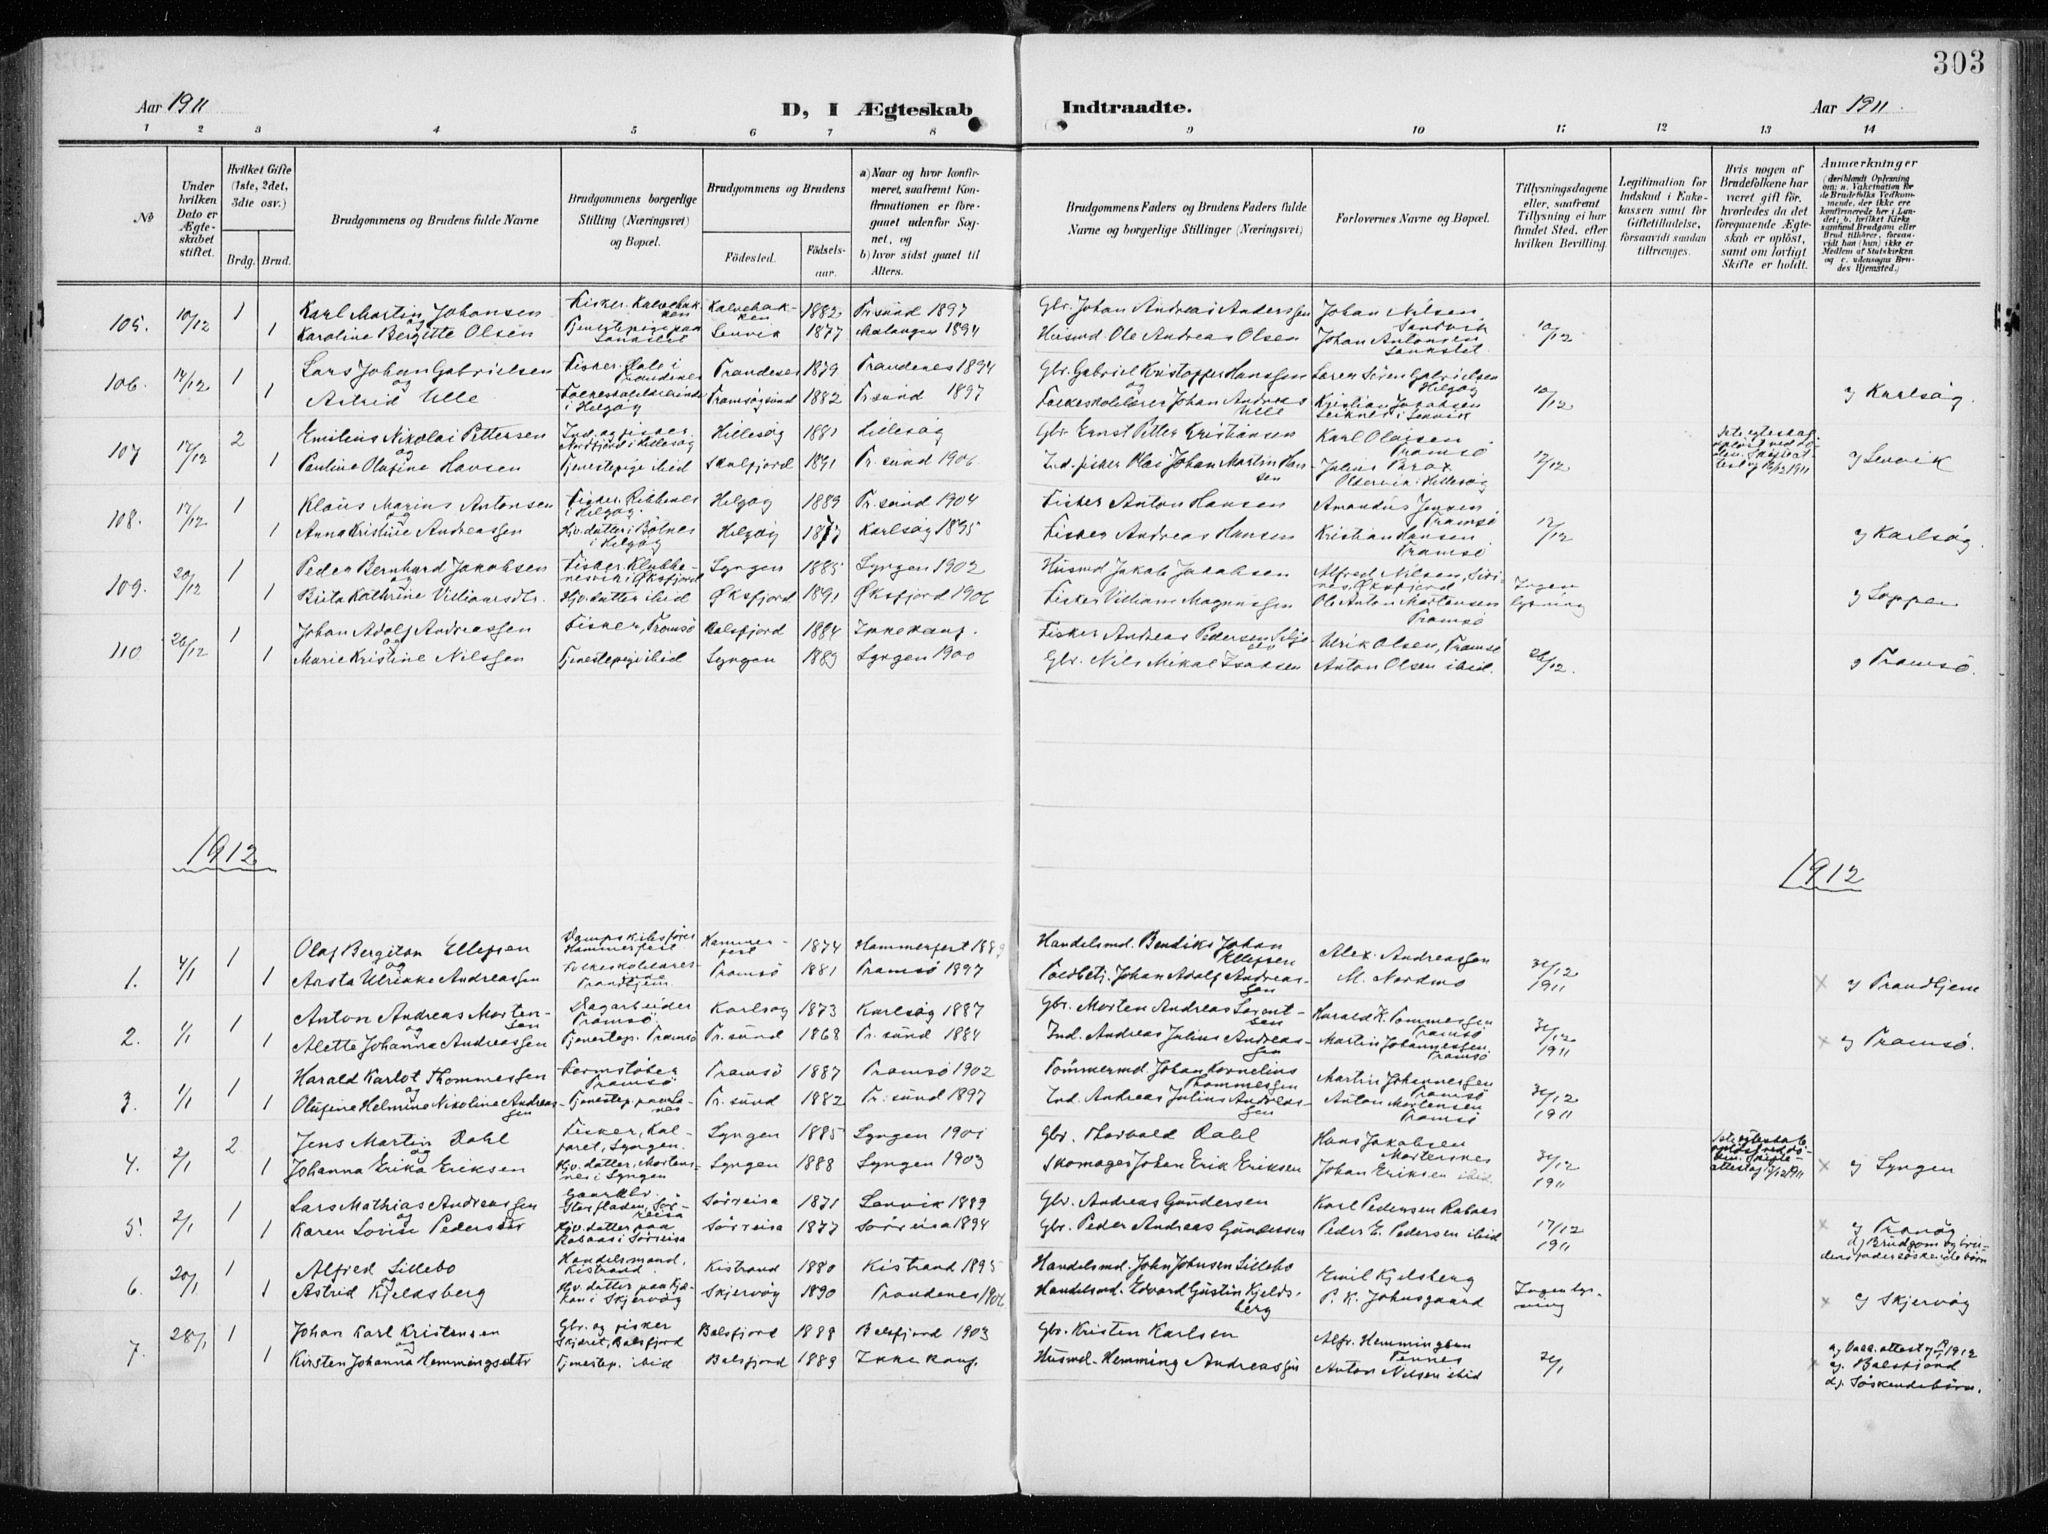 SATØ, Tromsøysund sokneprestkontor, G/Ga/L0007kirke: Ministerialbok nr. 7, 1907-1914, s. 303